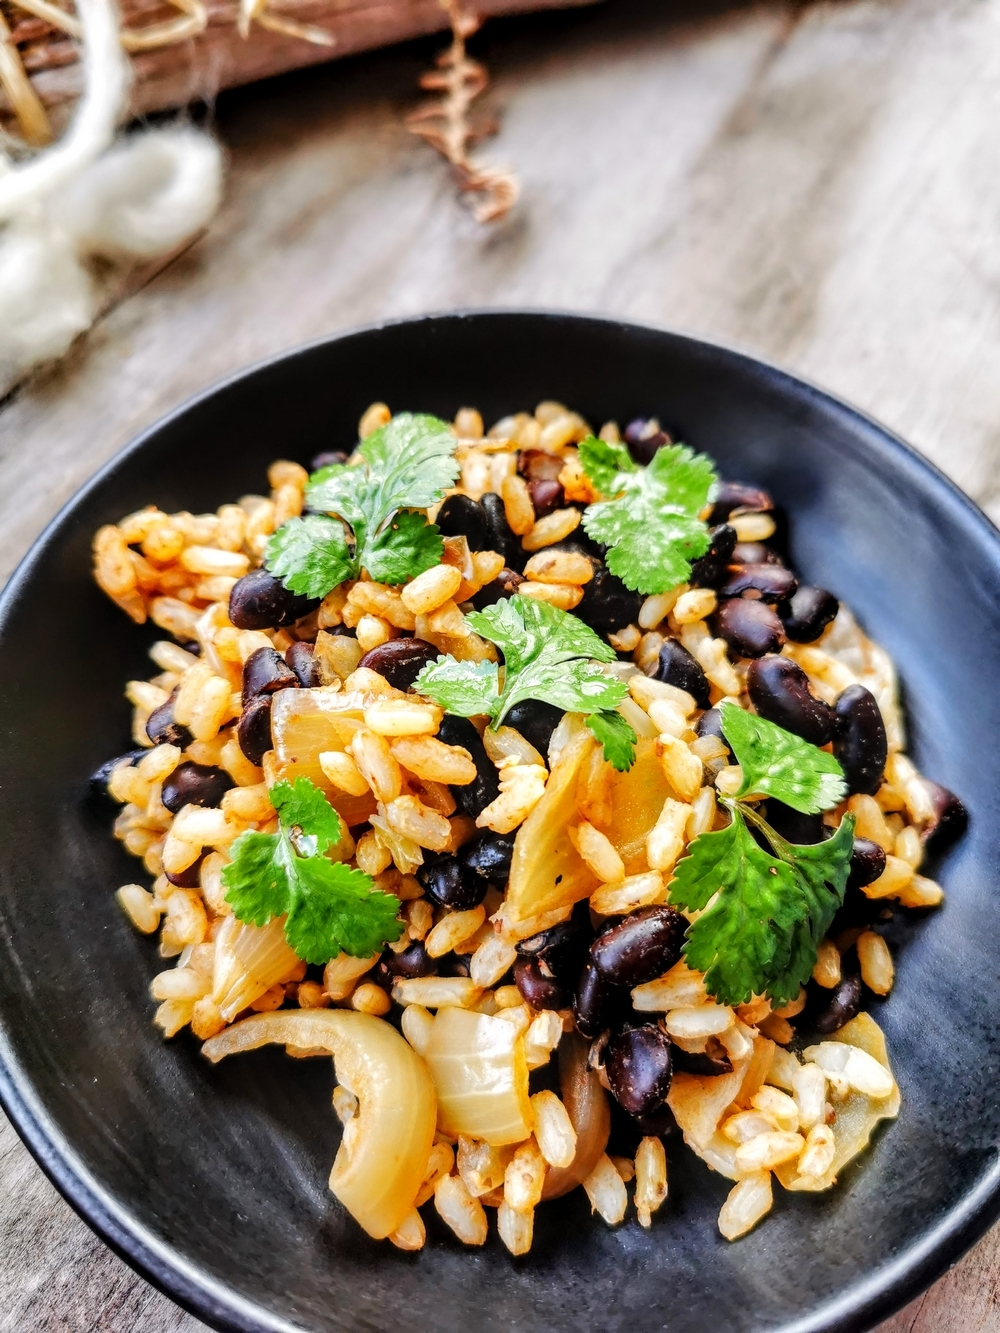 Gallo pinto du Costa Rica au riz et haricots noirs